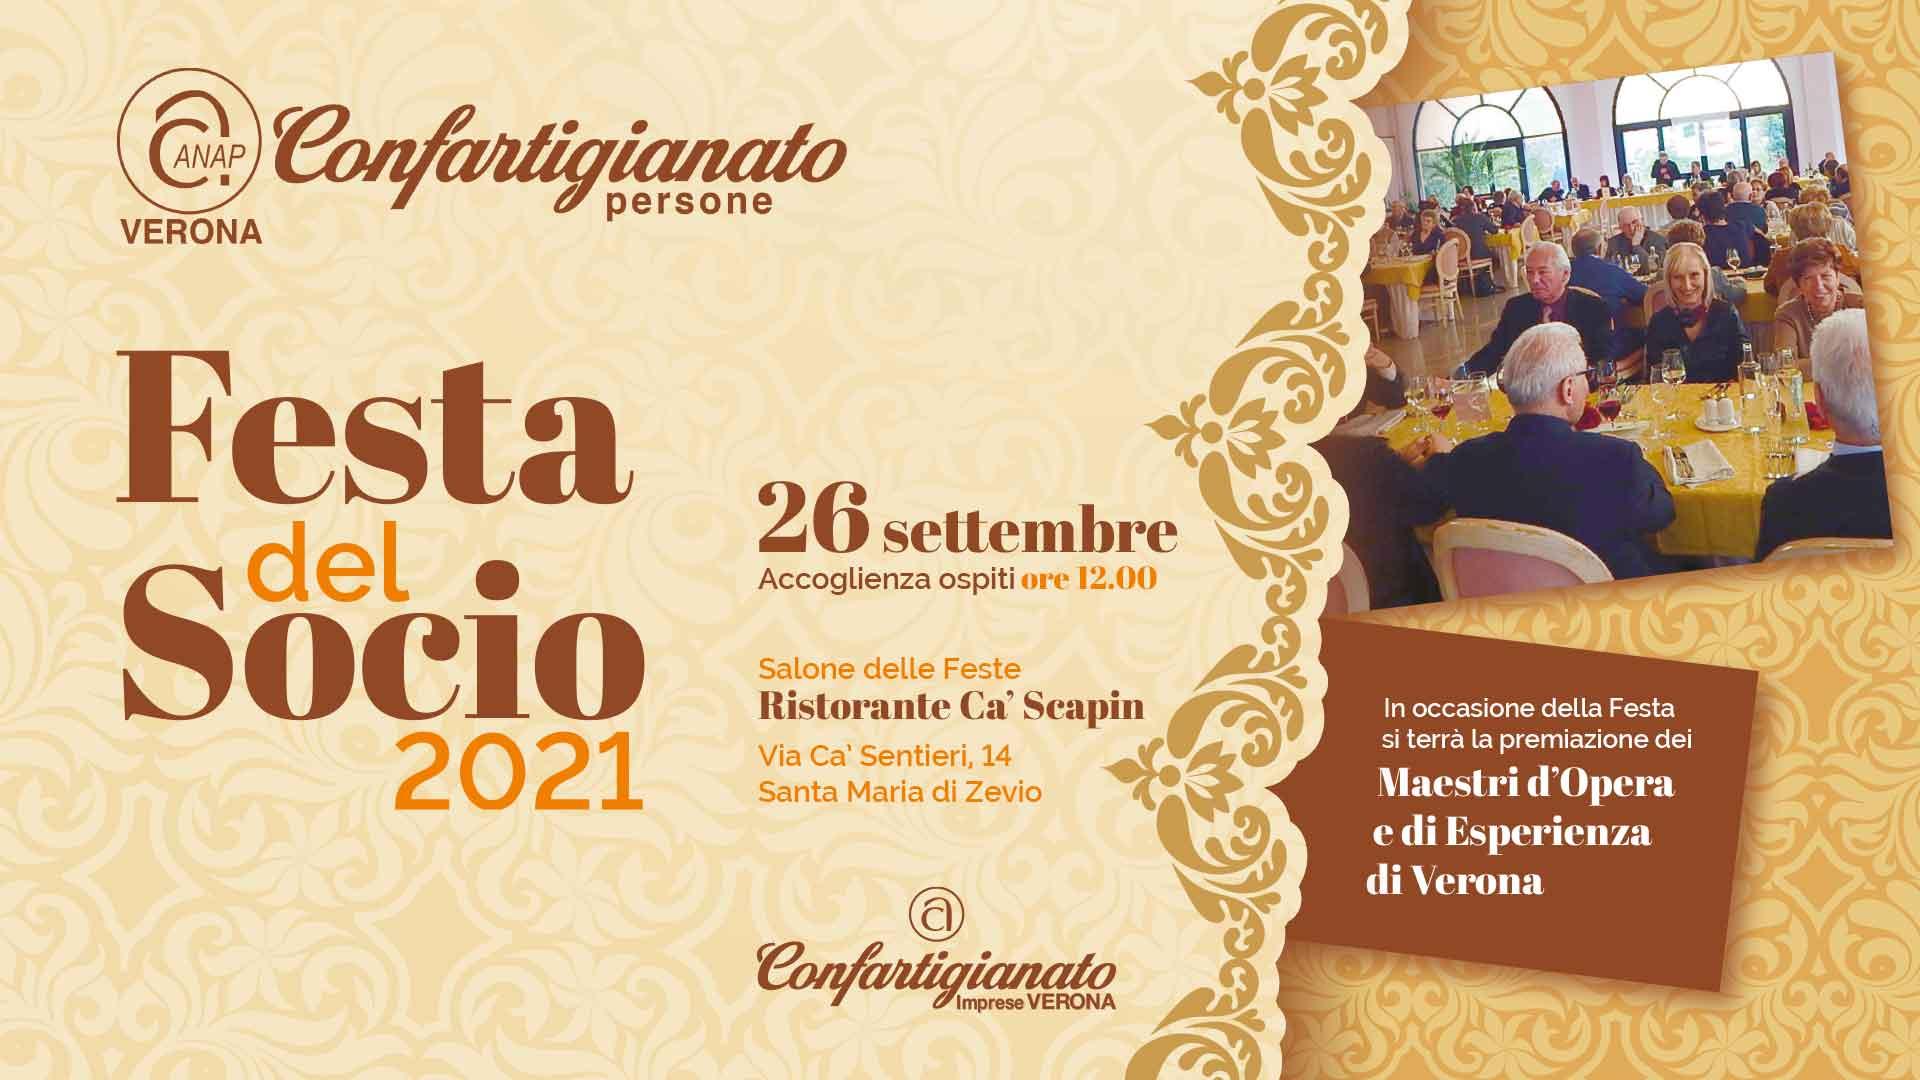 ANAP – Torna la Festa del Socio, edizione 2021: domenica 26 settembre, con il riconoscimento ai Maestri d'Opera e d'Esperienza. Iscriviti subito!